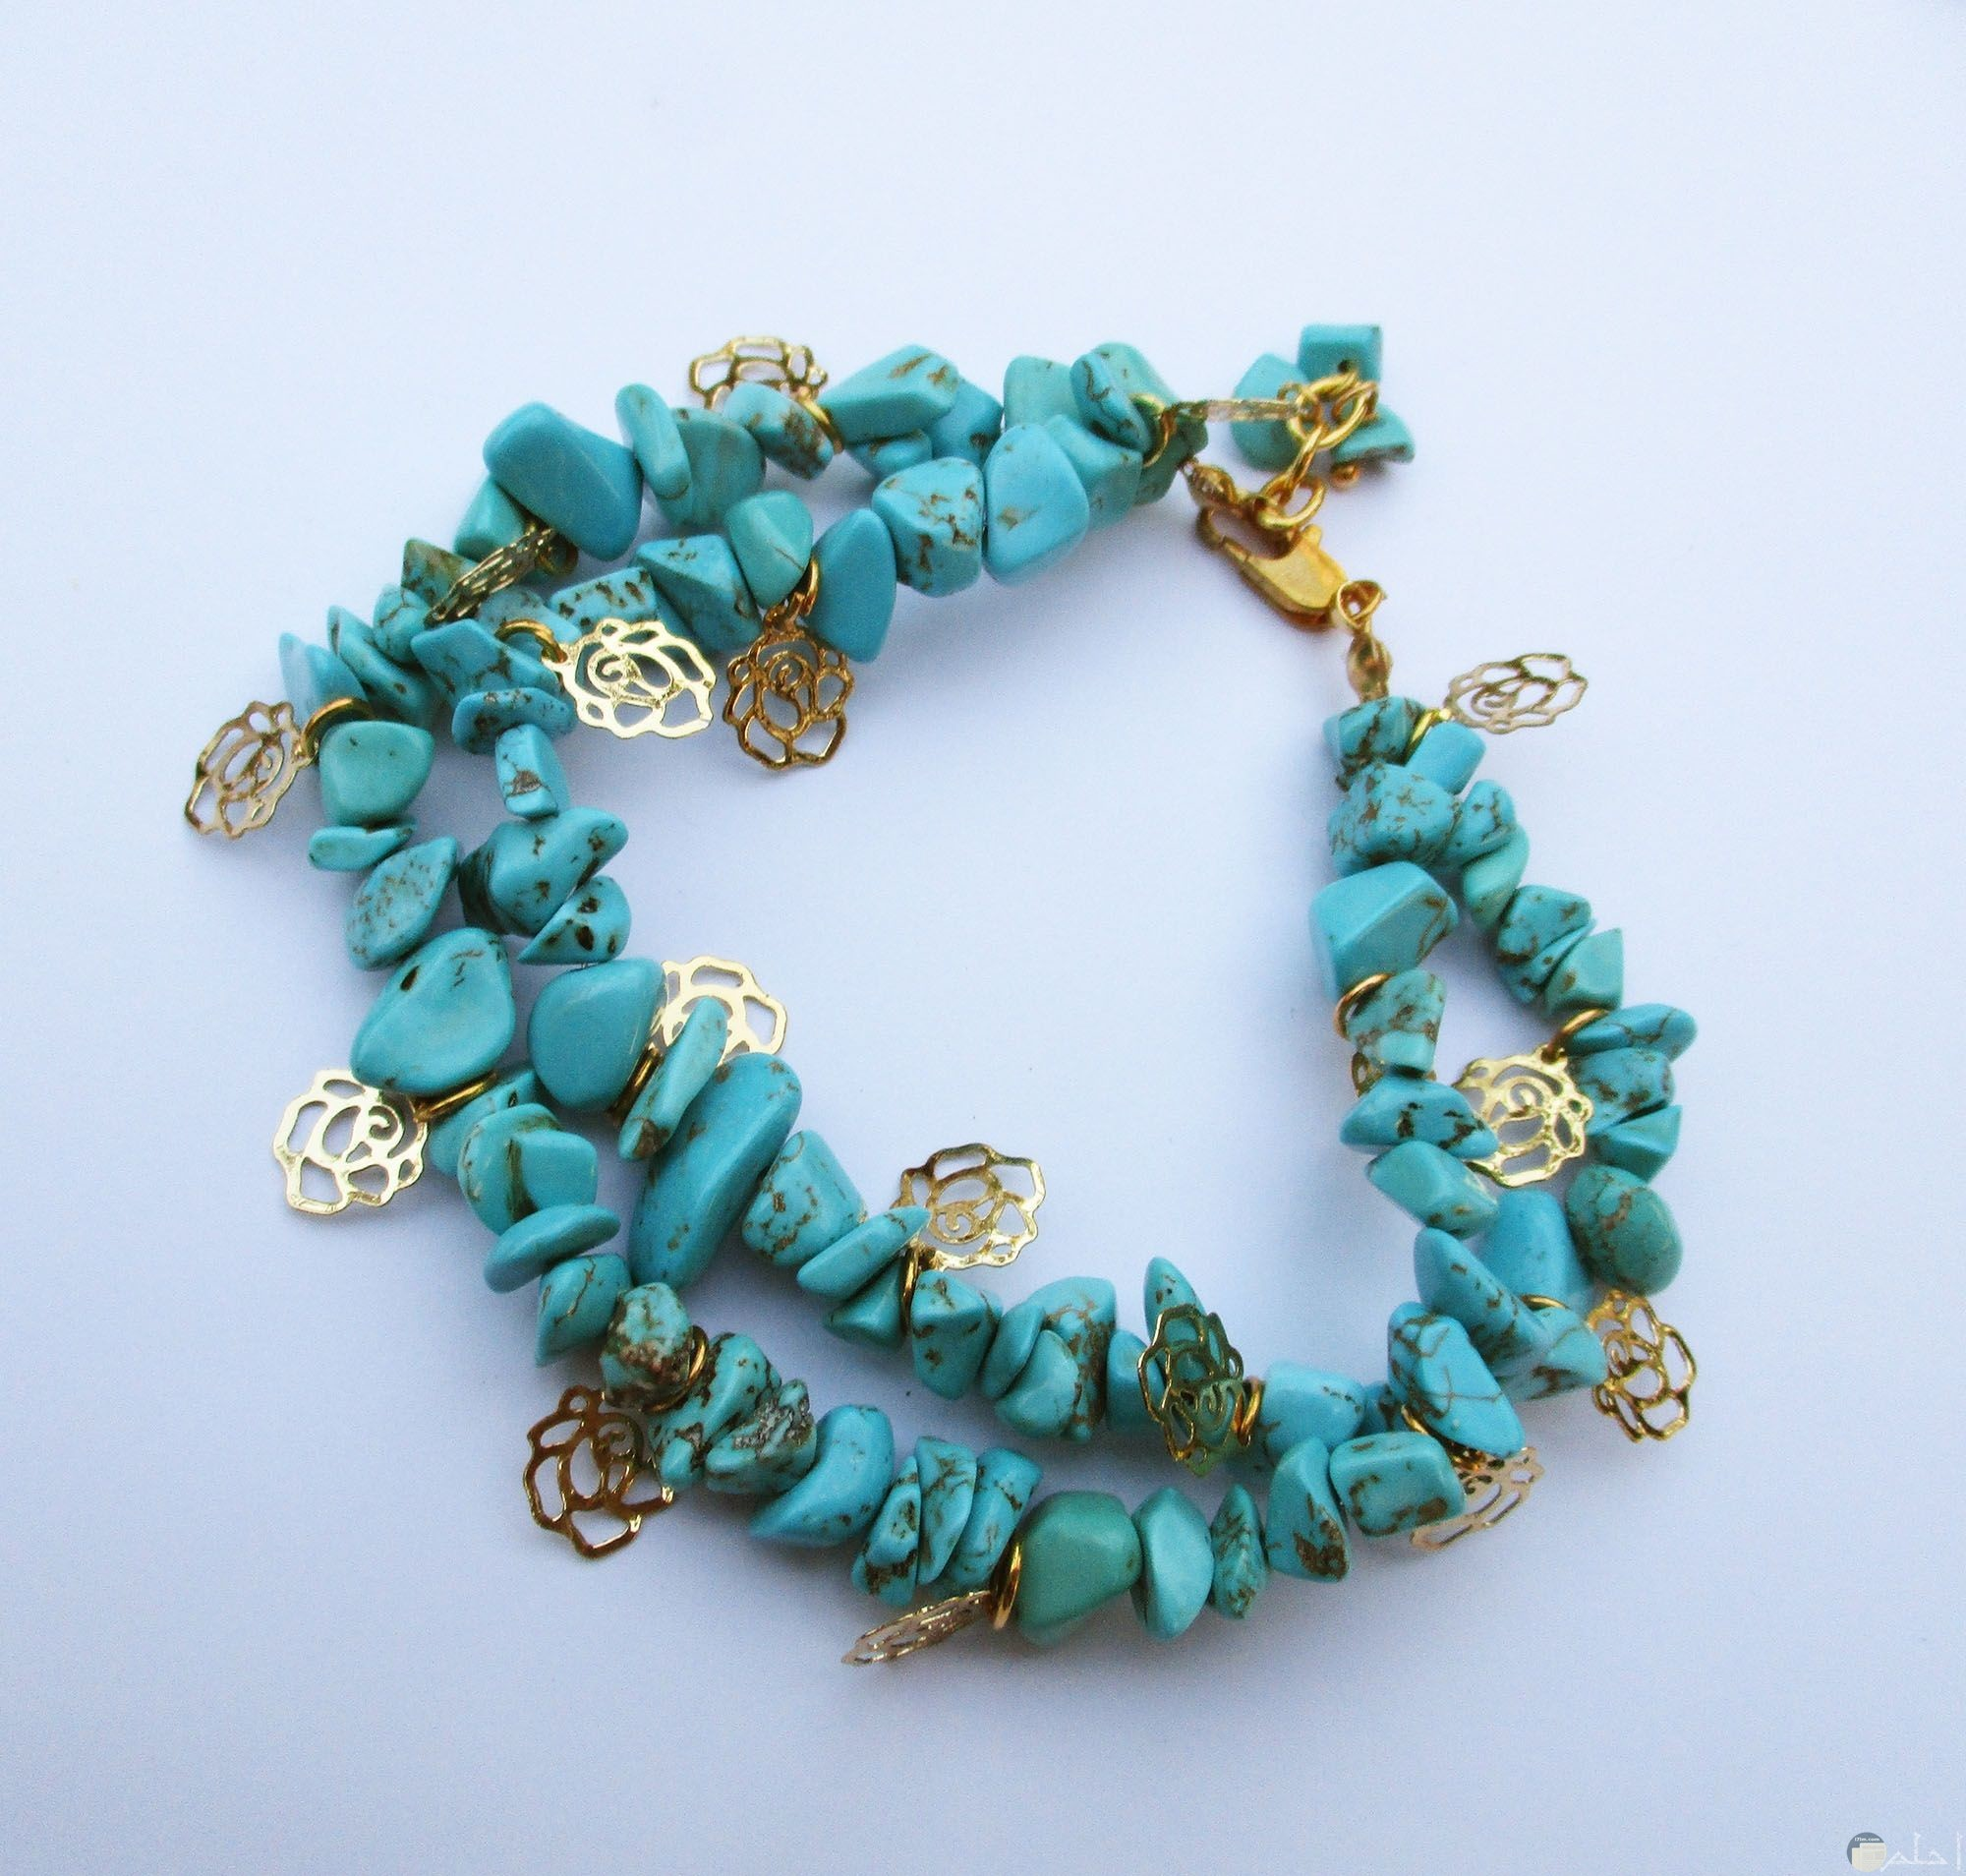 صورة لقطعة اكسسوار جميلة باللون الأزرق لليدين للبنات